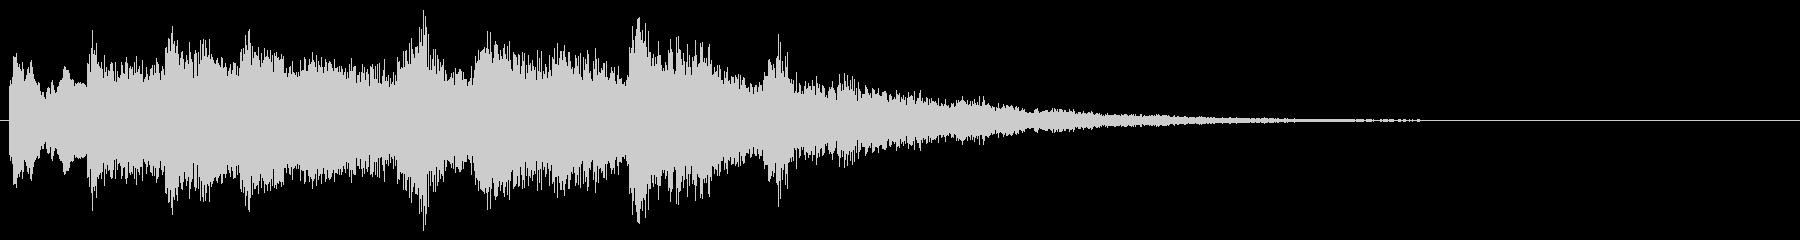 ベル系の転回音 優しい音 サウンドロゴの未再生の波形